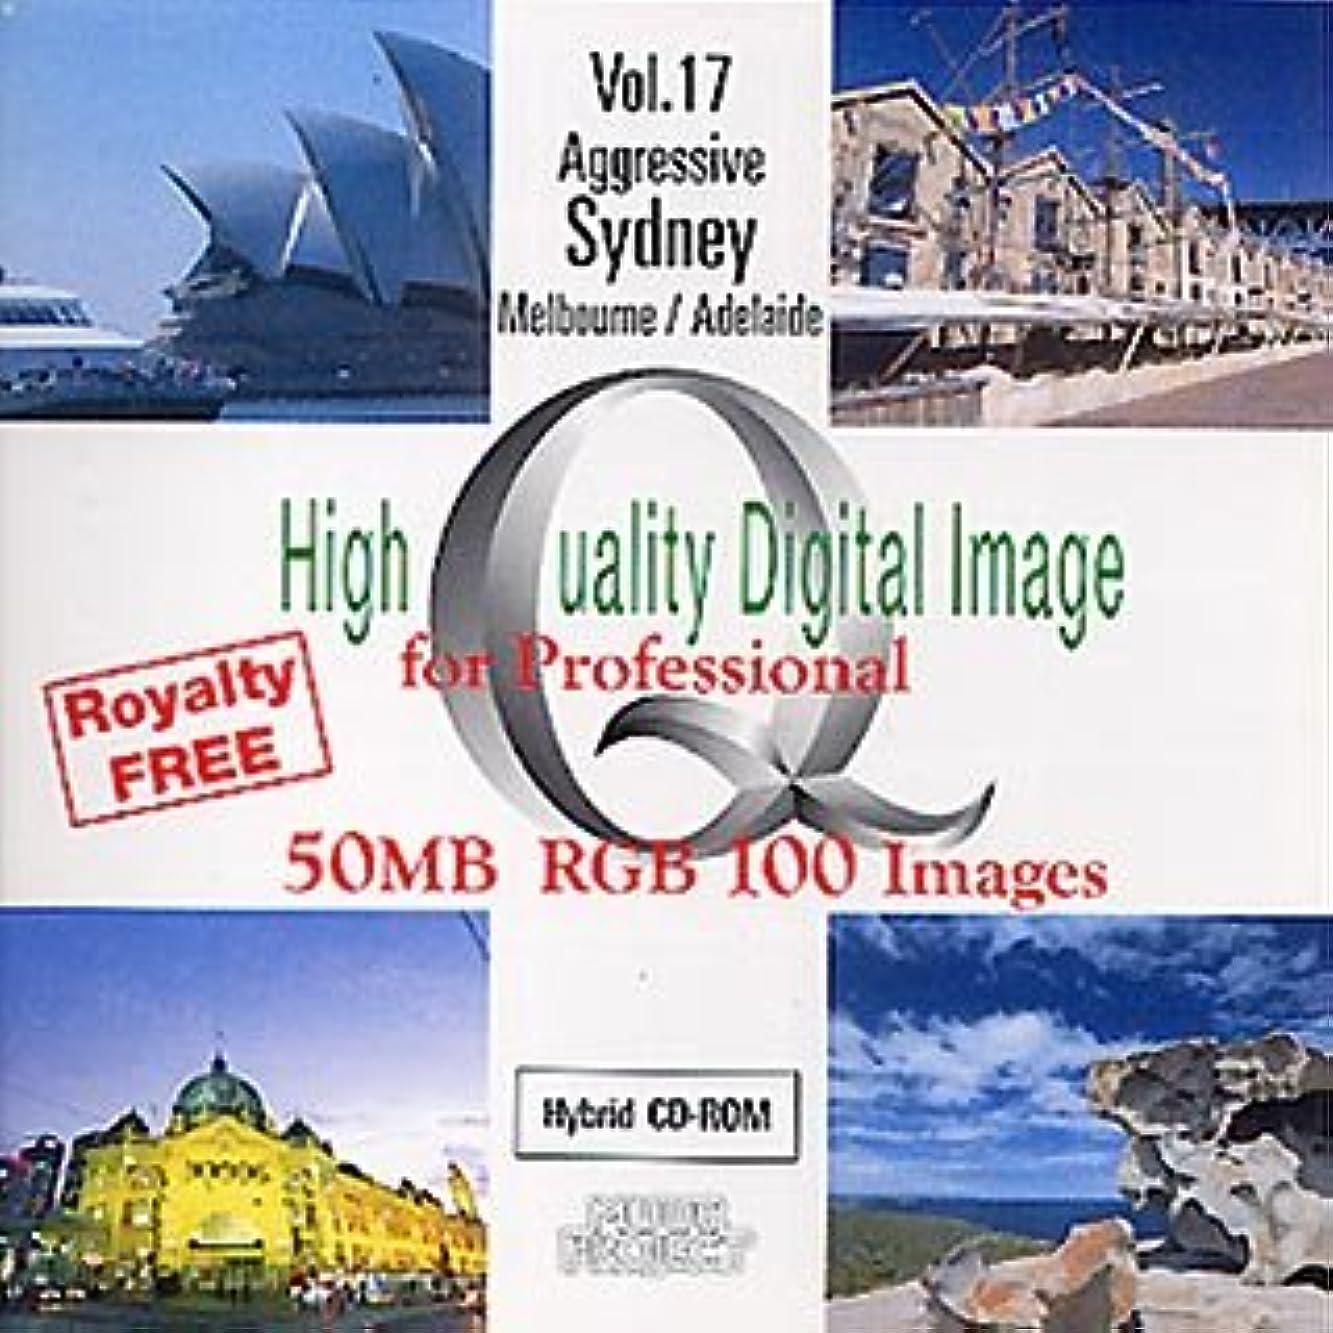 電報バドミントンネイティブHigh Quality Digital Image for Professional Vol.17 Aggressive Sydney Melbourne / Adelaide